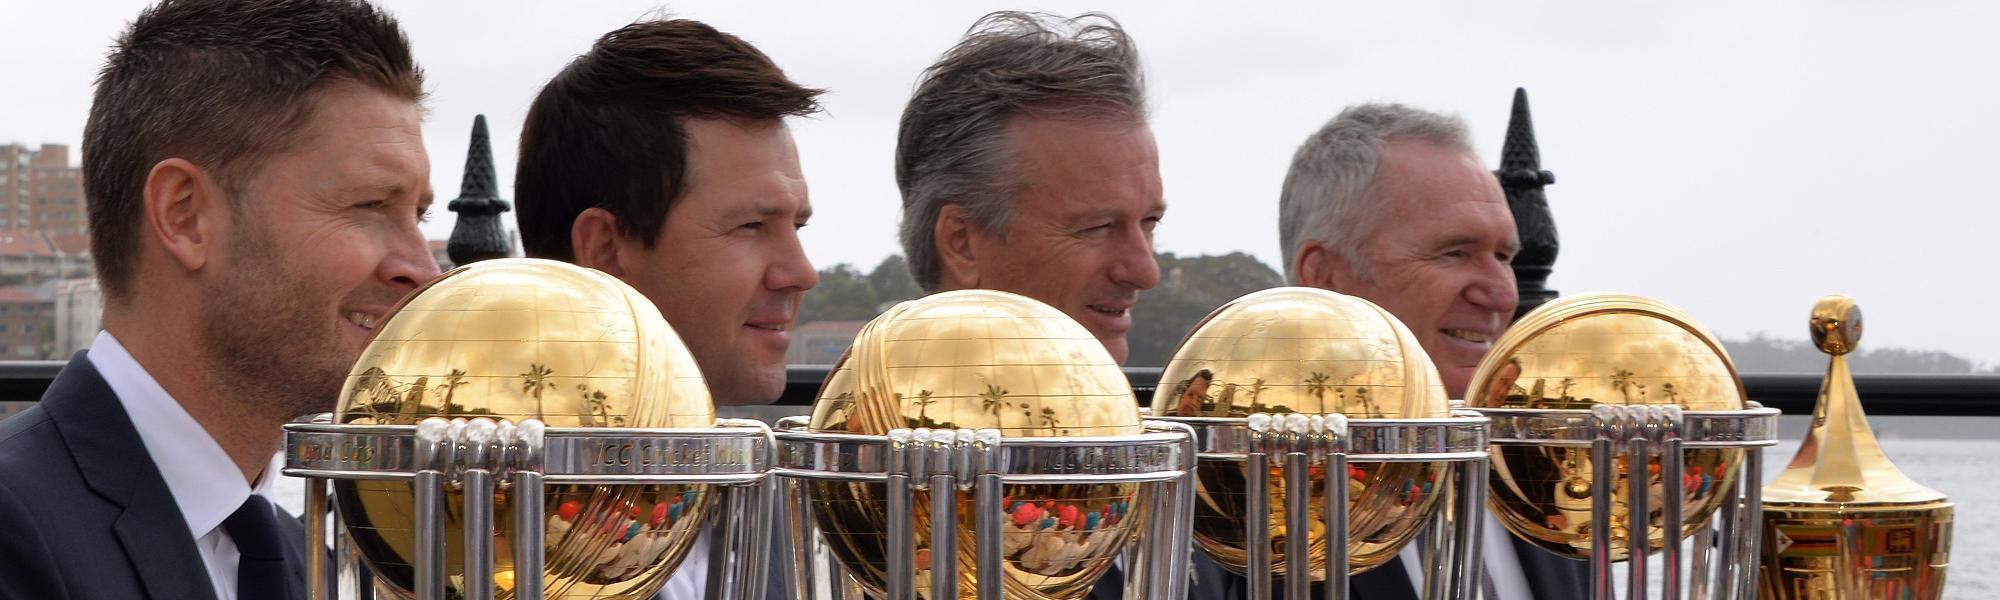 Australia World Cup captains